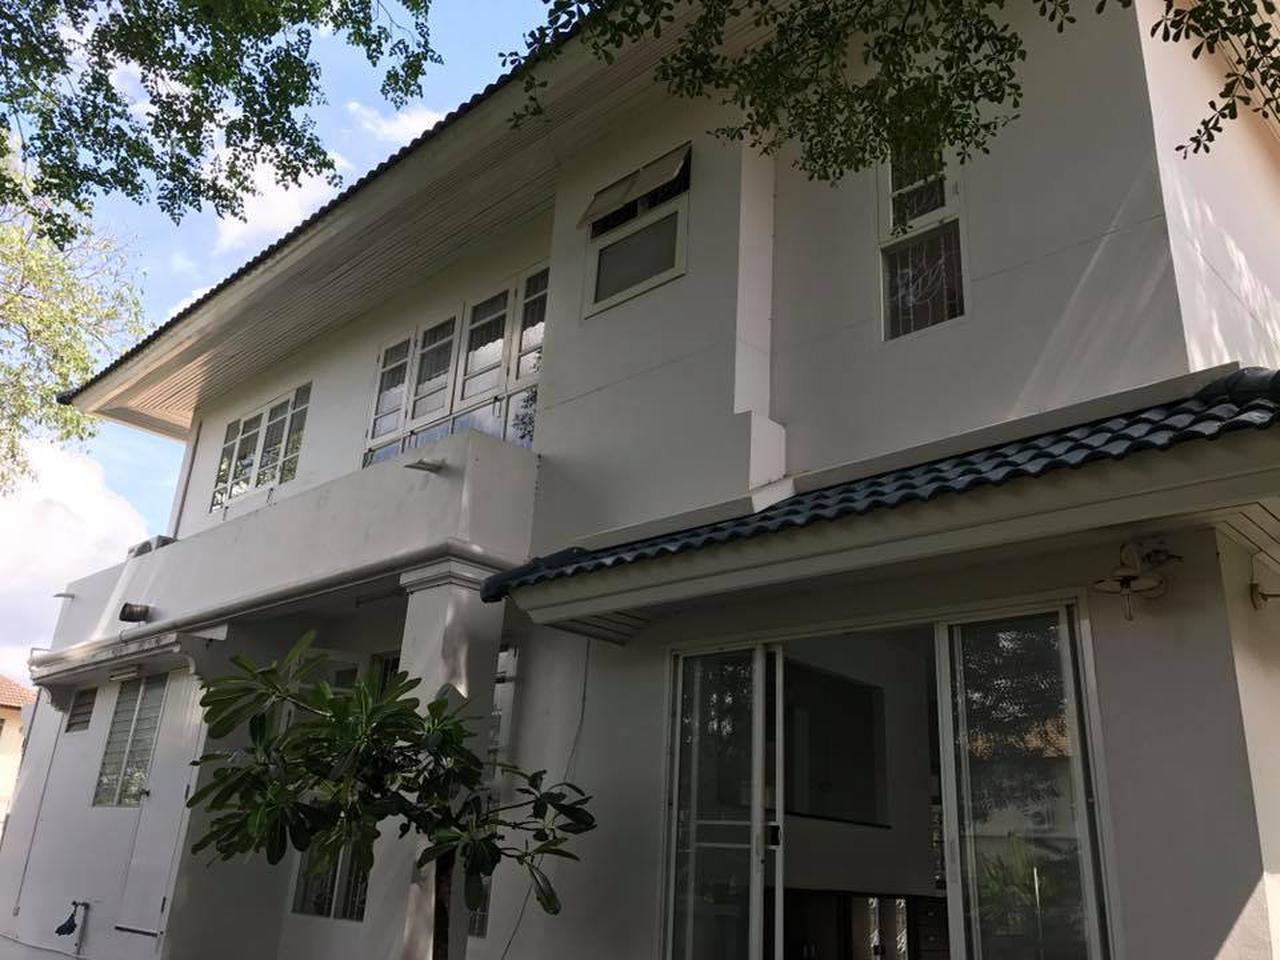 บ้านเดี่ยวเพอร์เฟคเพลส รามคำแหง ซอย 164 รูปที่ 3